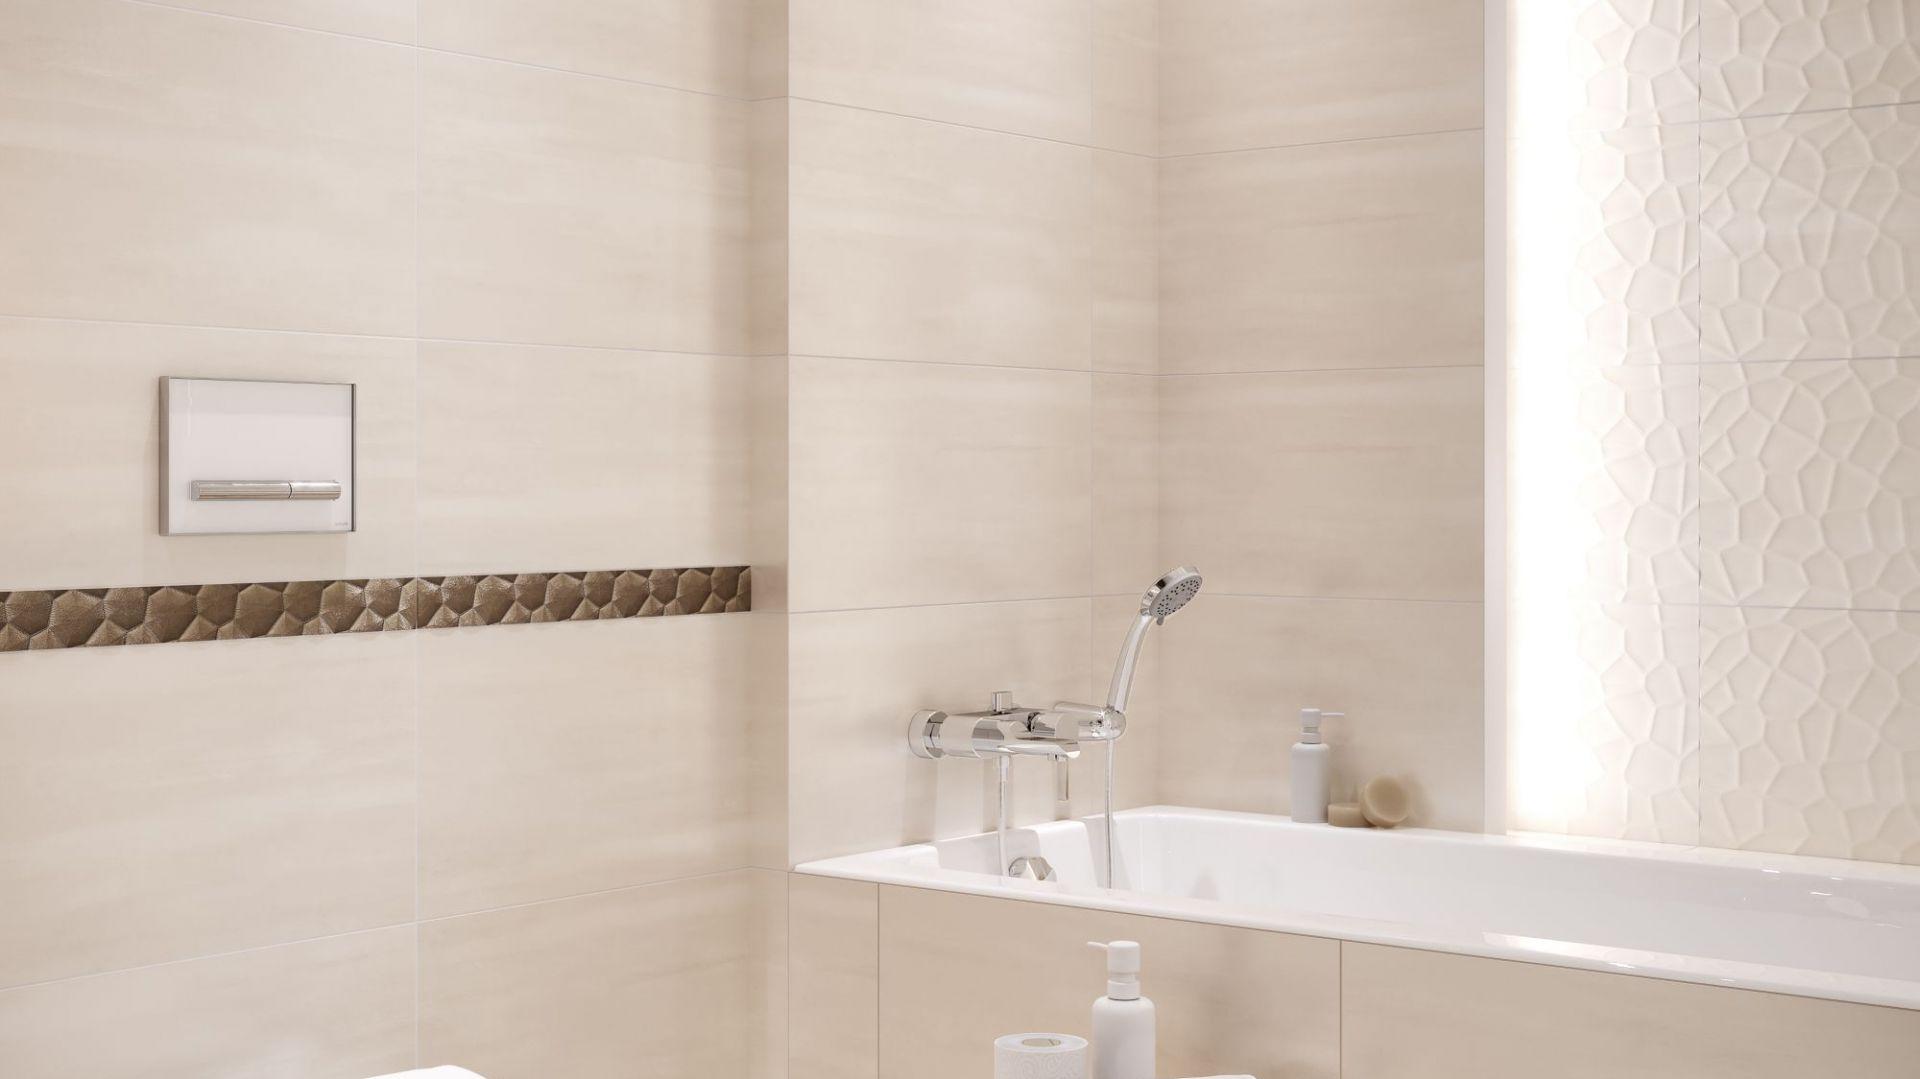 Łazienka, w której z przyjemnością odpoczniesz po ciężkim dniu, inspirowana odcieniem ciepłego, kremowego stiuku to kolekcja Calm Organic. Fot. Cersanit